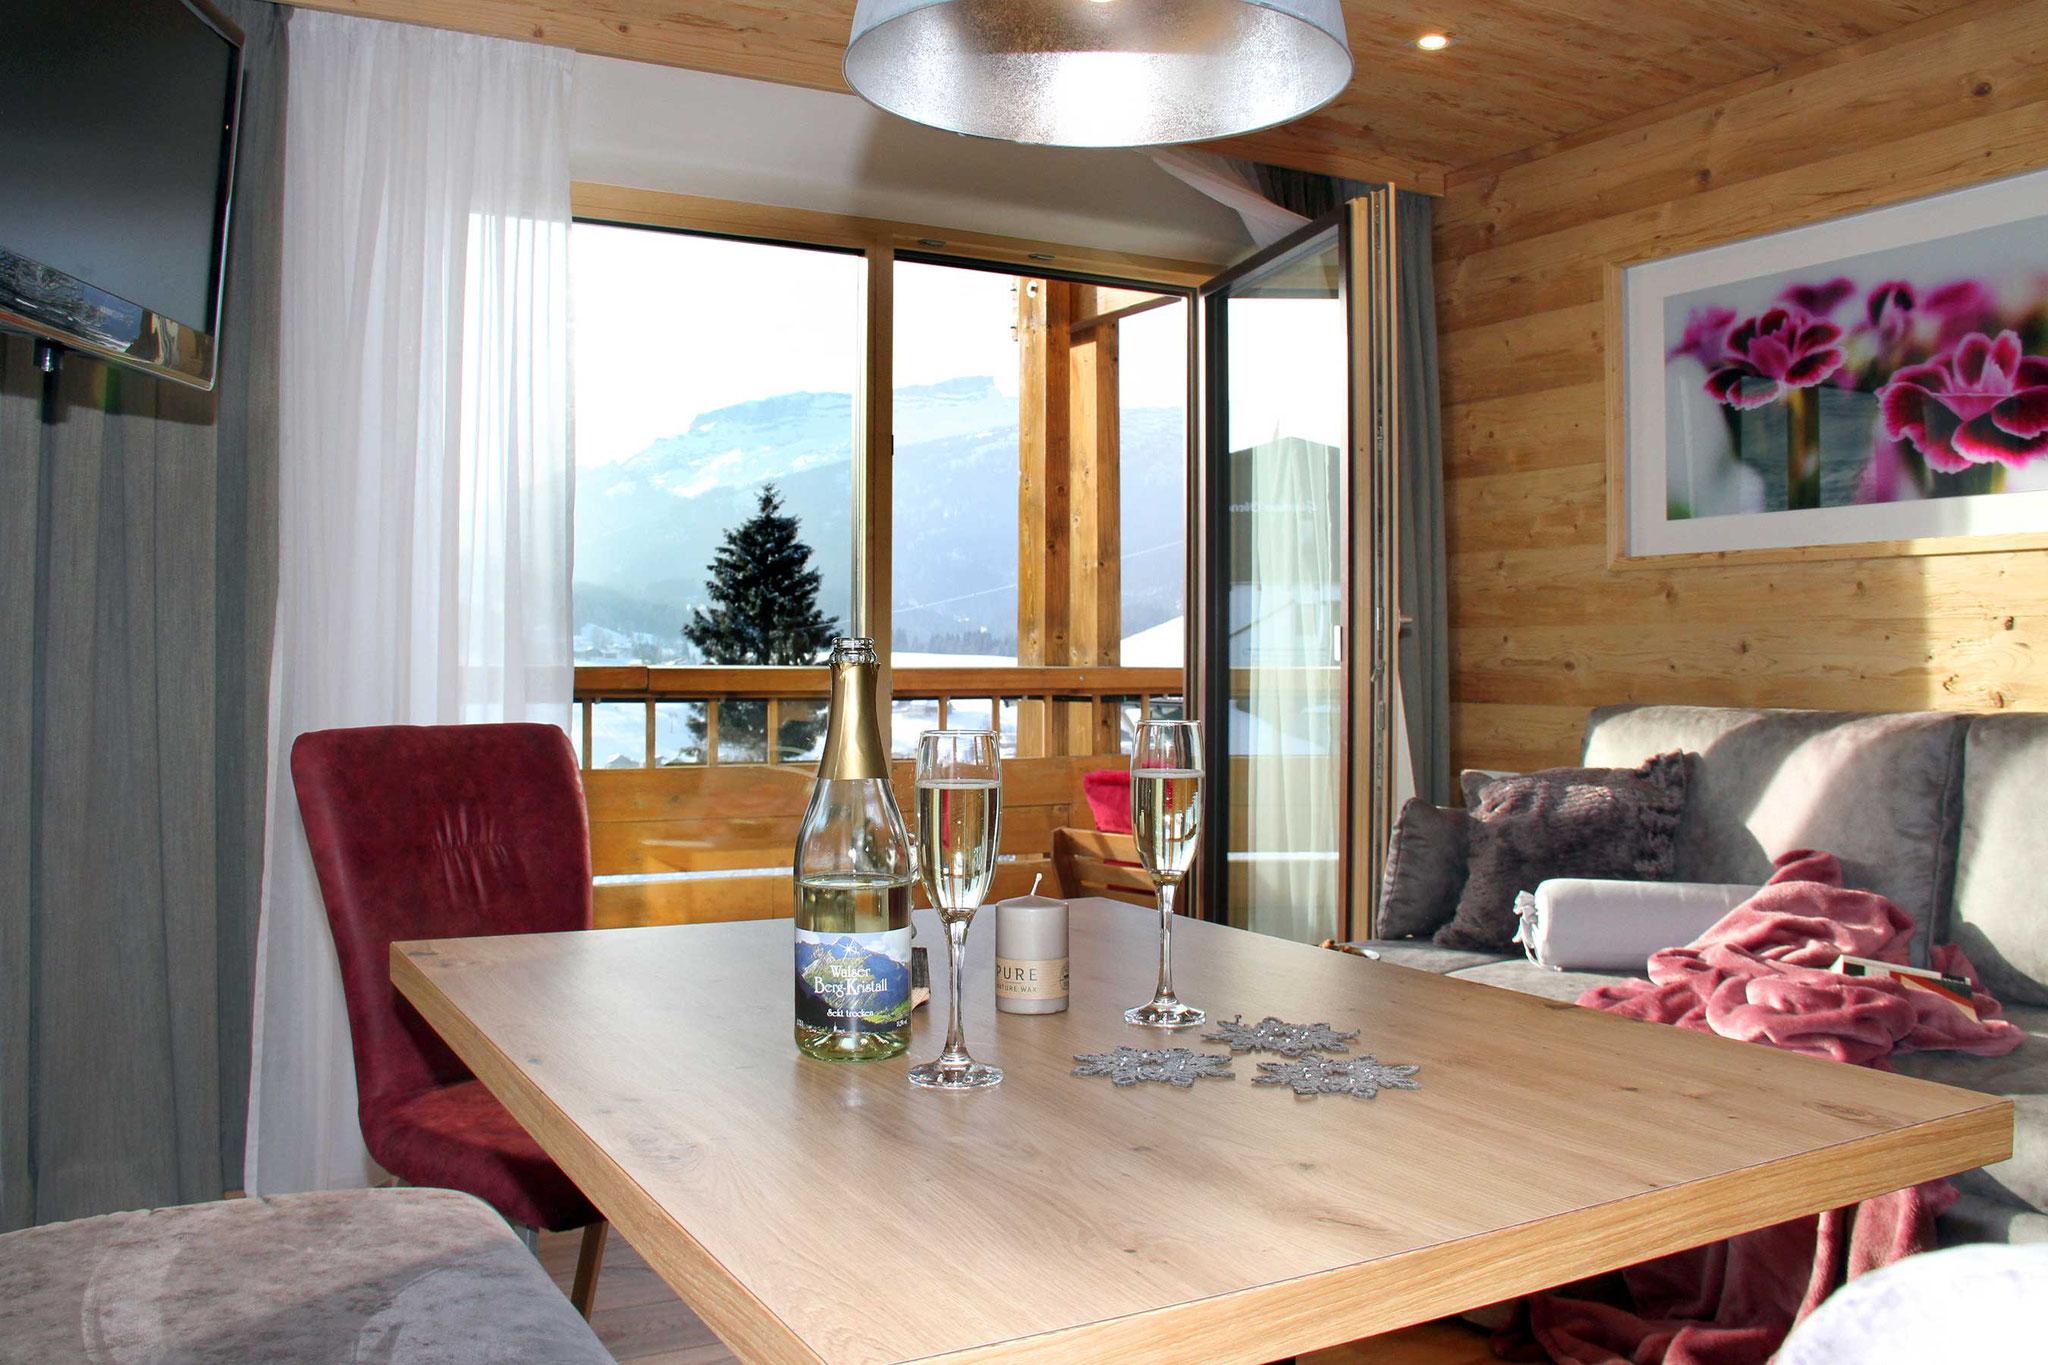 exklusive Ferienwohnung Wiesengrund, Kleinwalsertal, Bergnäägele, Wohnstube